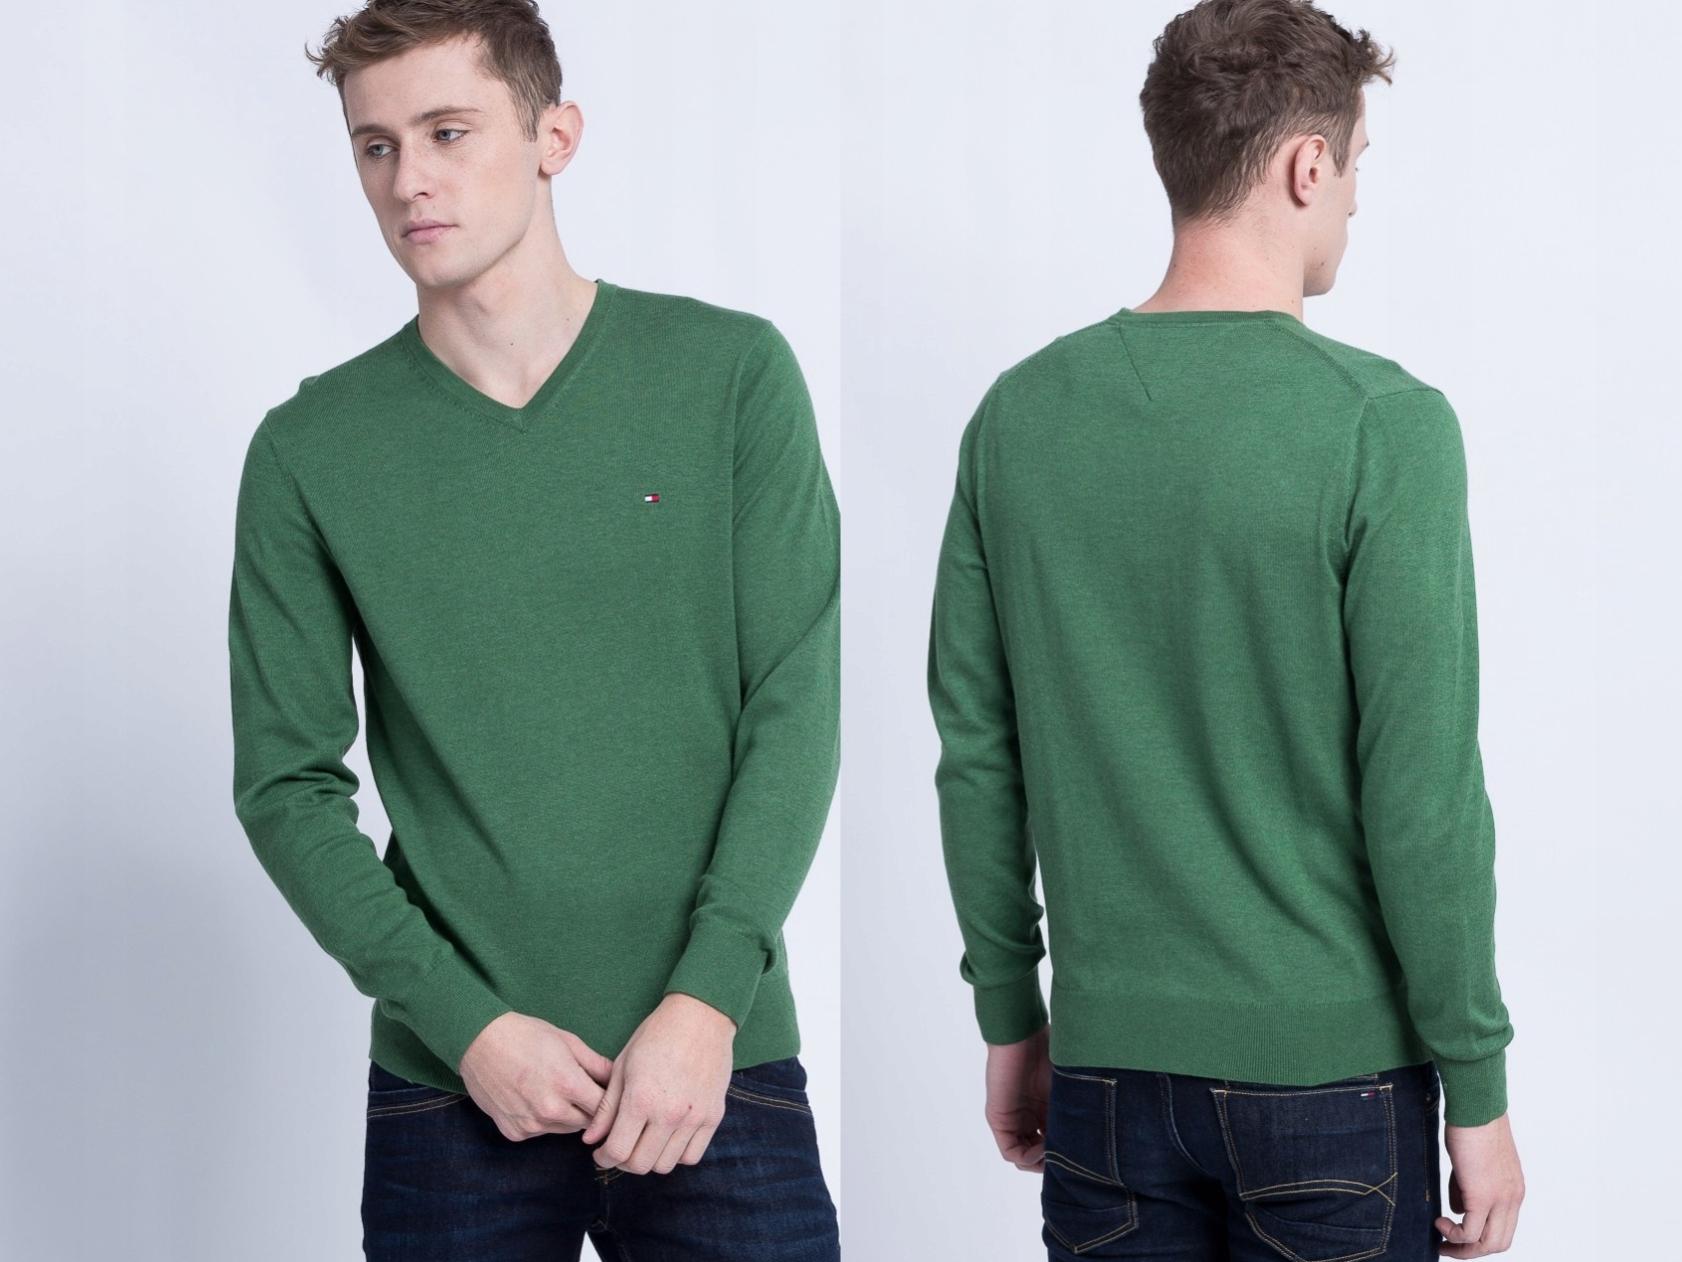 TOMMY HILFIGER MW0MW00188 ZIELONY sweter XL